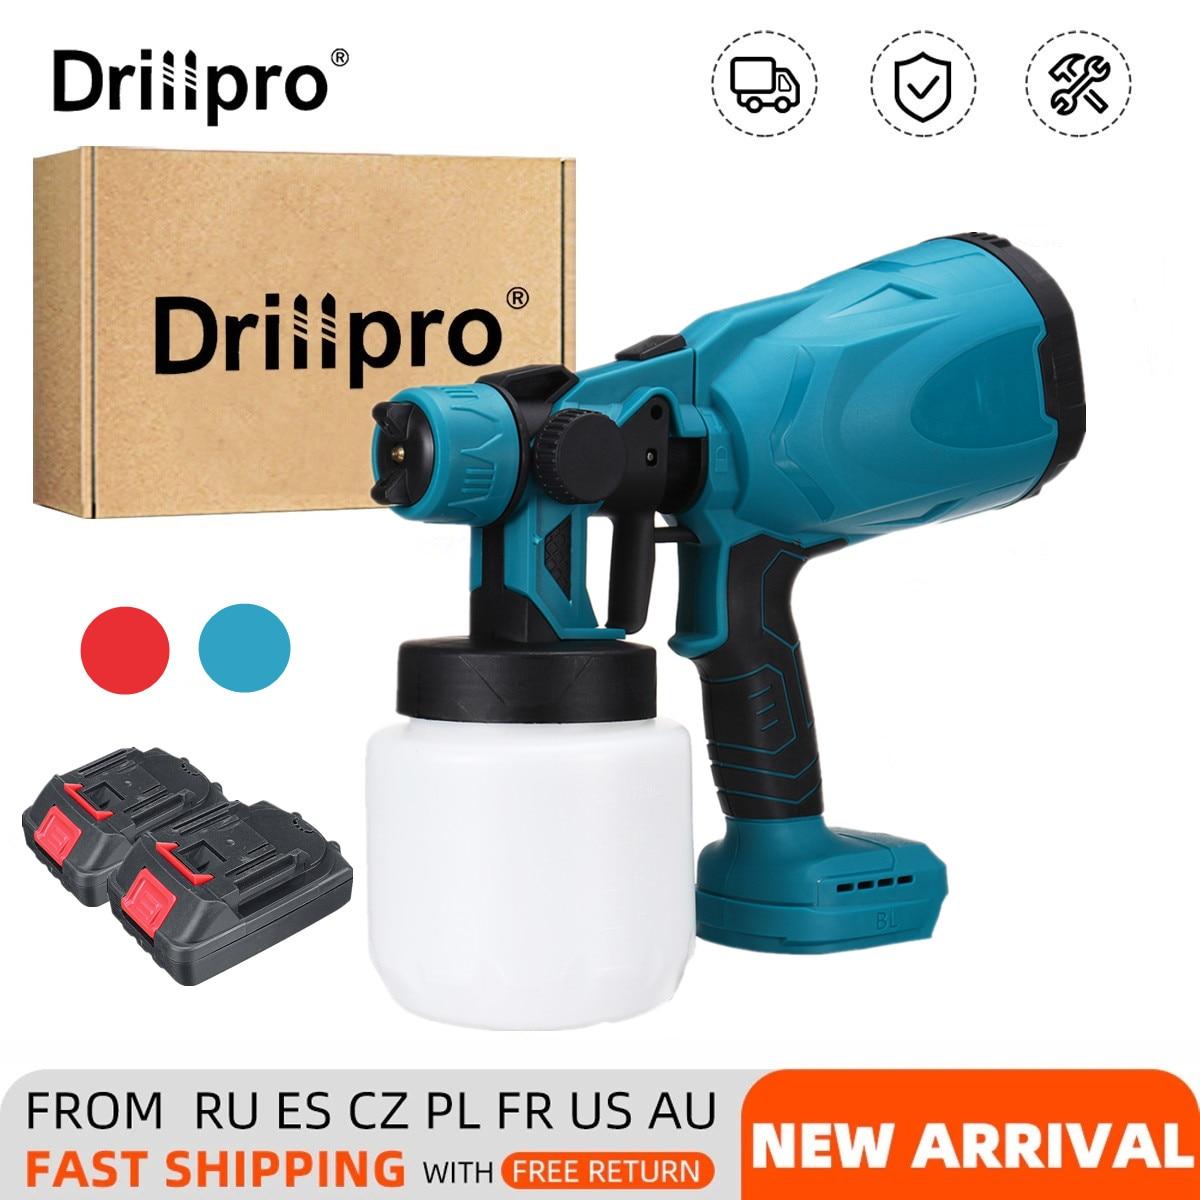 Drillpro 800 مللي بندقية رذاذ كهربائية لاسلكية تطهير منزلي تعقيم رشاش دهان محمول لبطارية ماكيتا 18 فولت